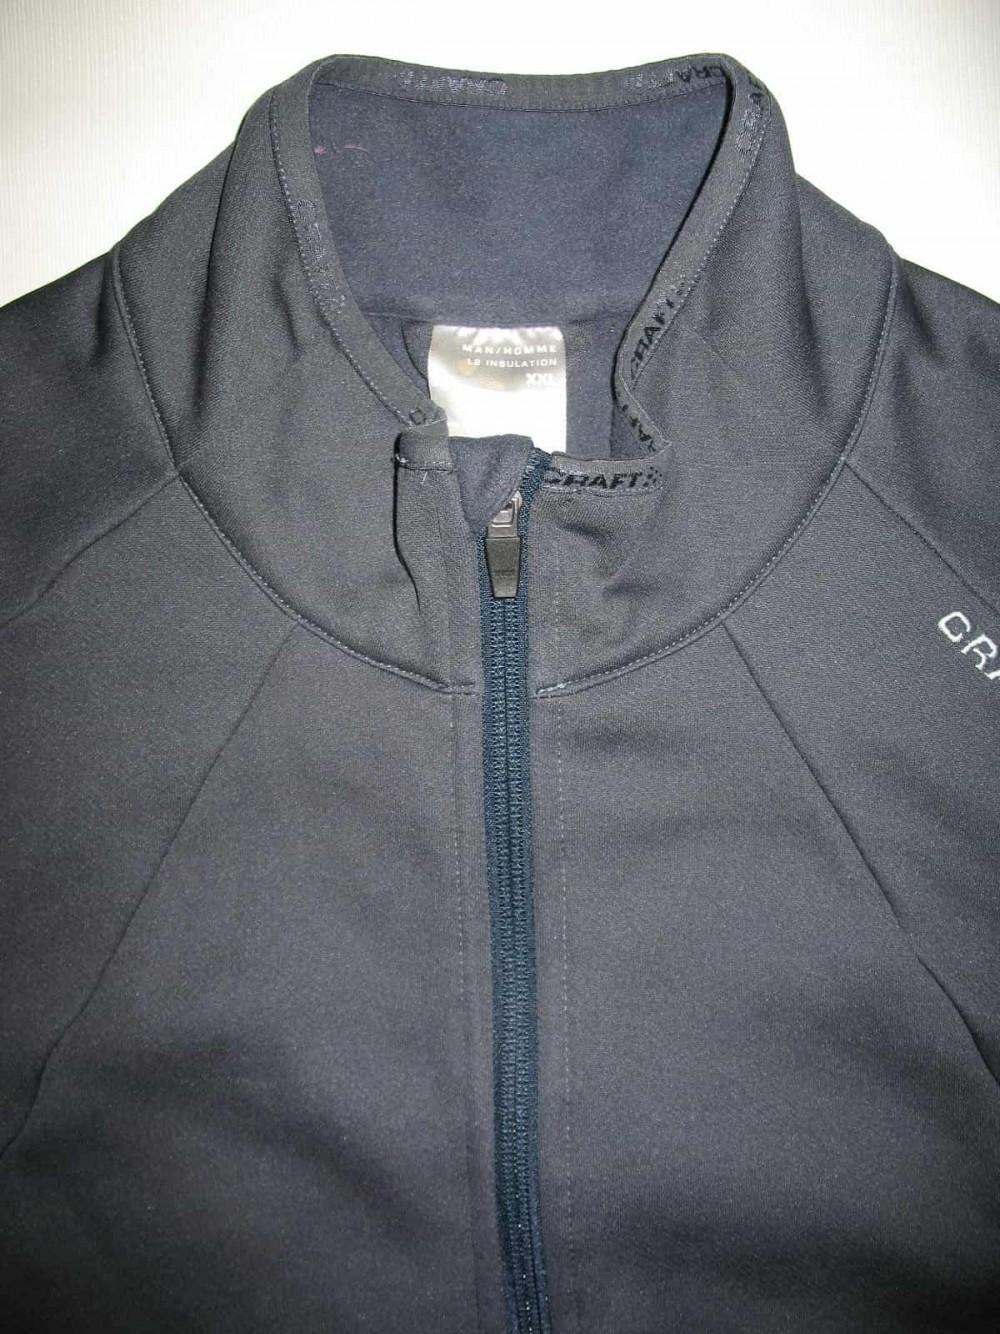 Жилет CRAFT fleece vest (размер XXL) - 2